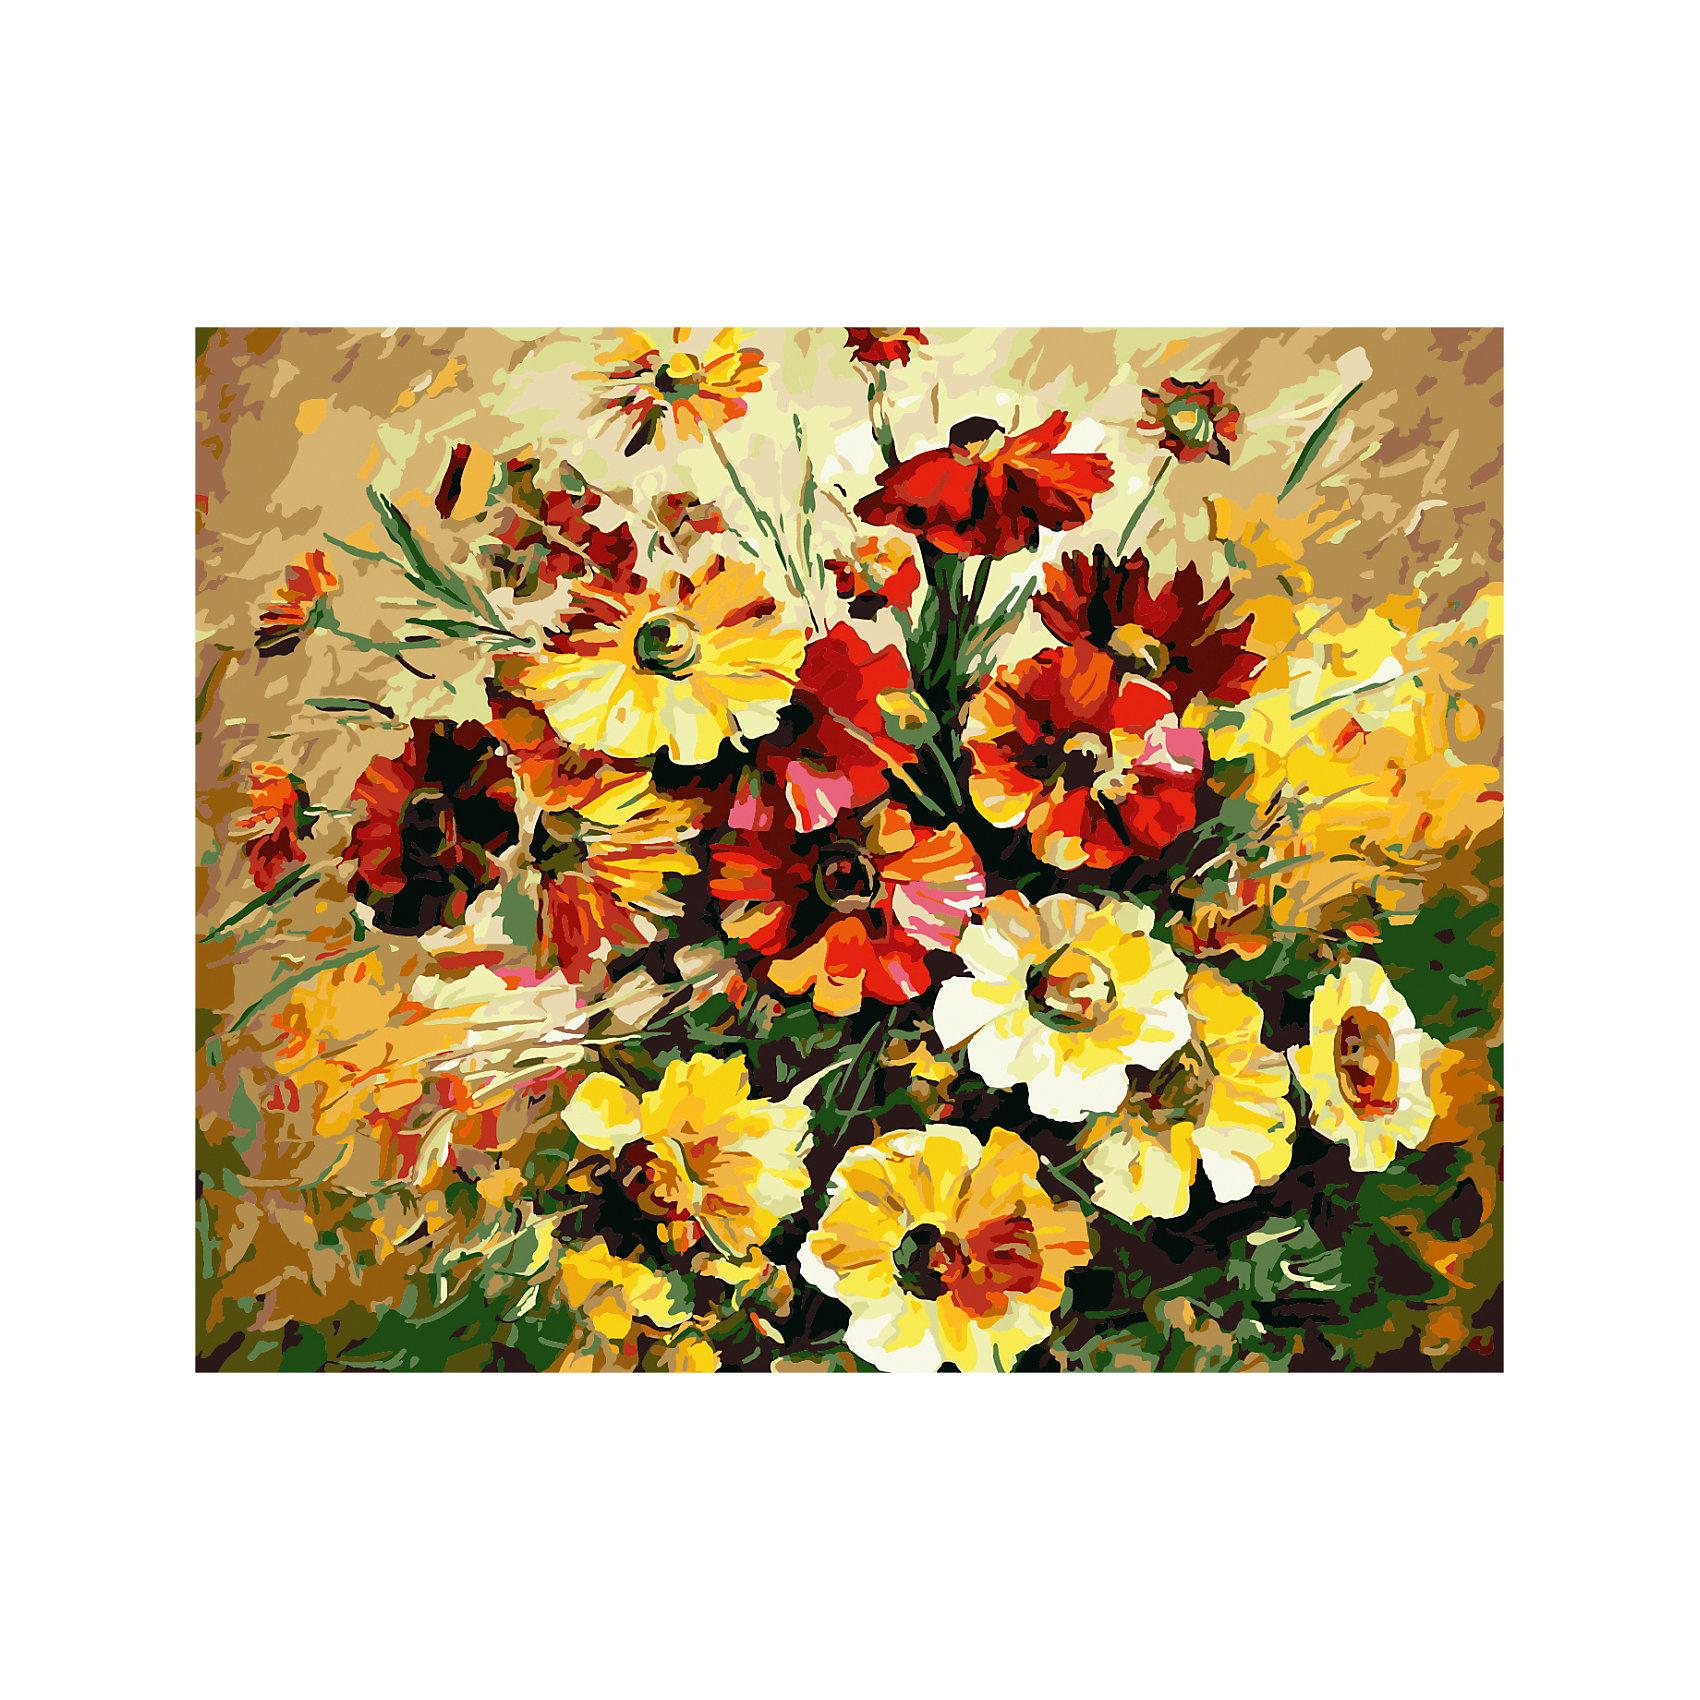 TUKZAR Роспись по номерам Красно-желтый букет 40*50 см наборы для рисования цветной картины по номерам букет розовых цветов